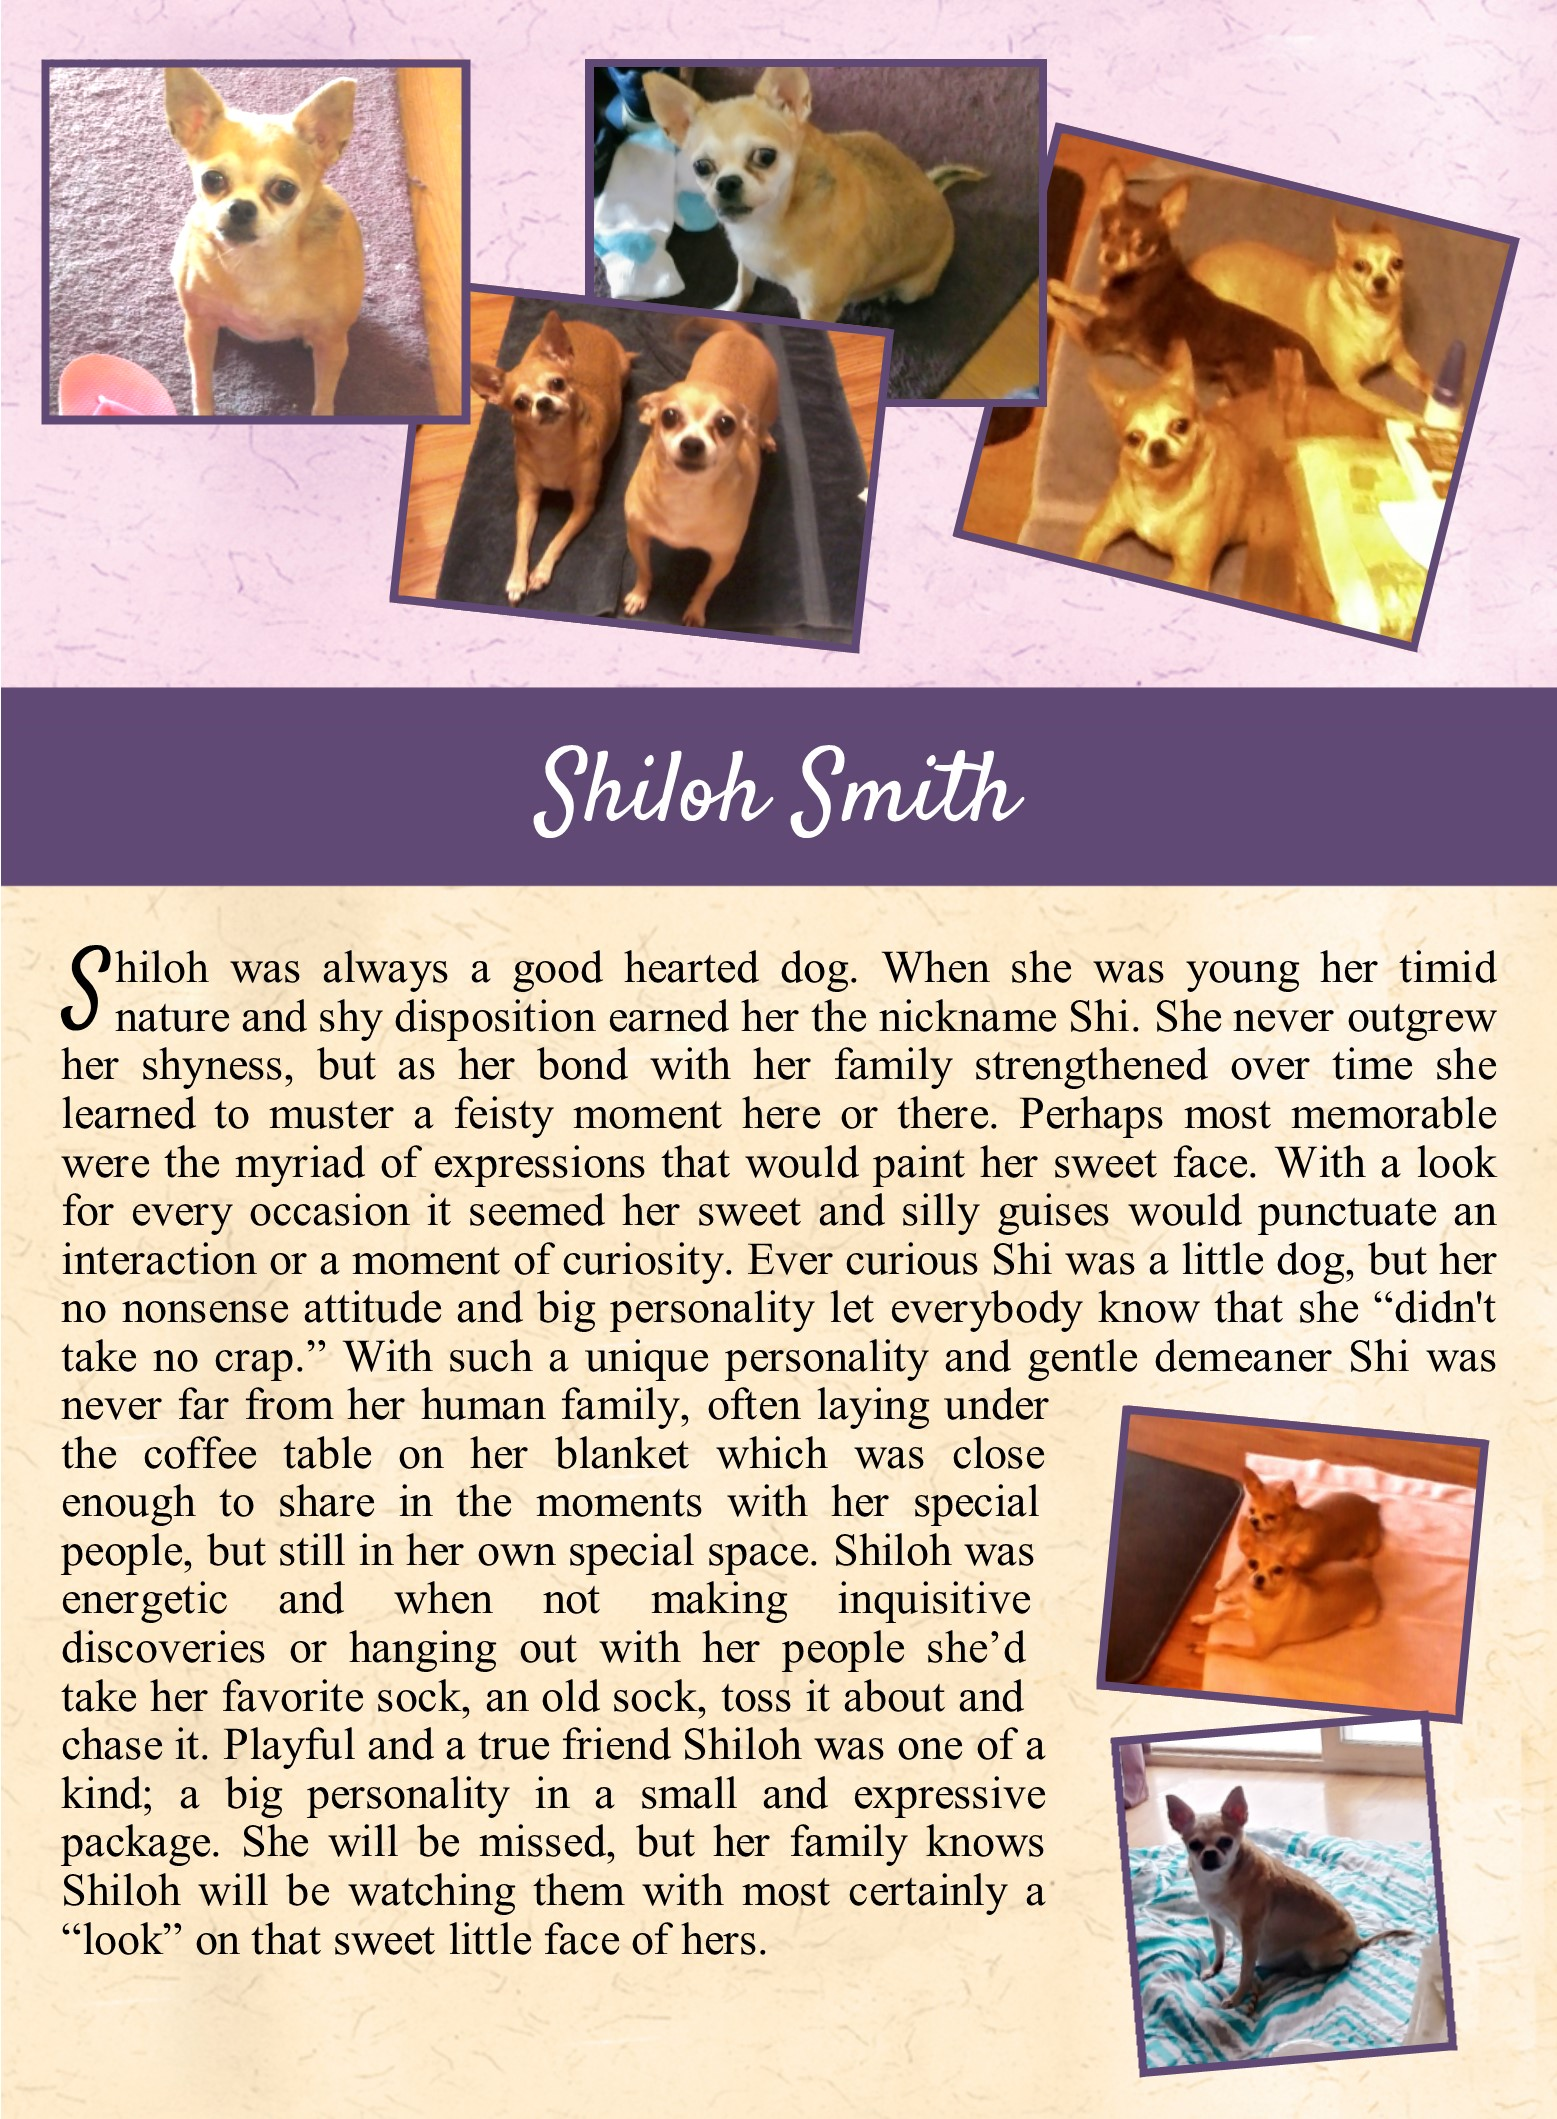 Shiloh Smith